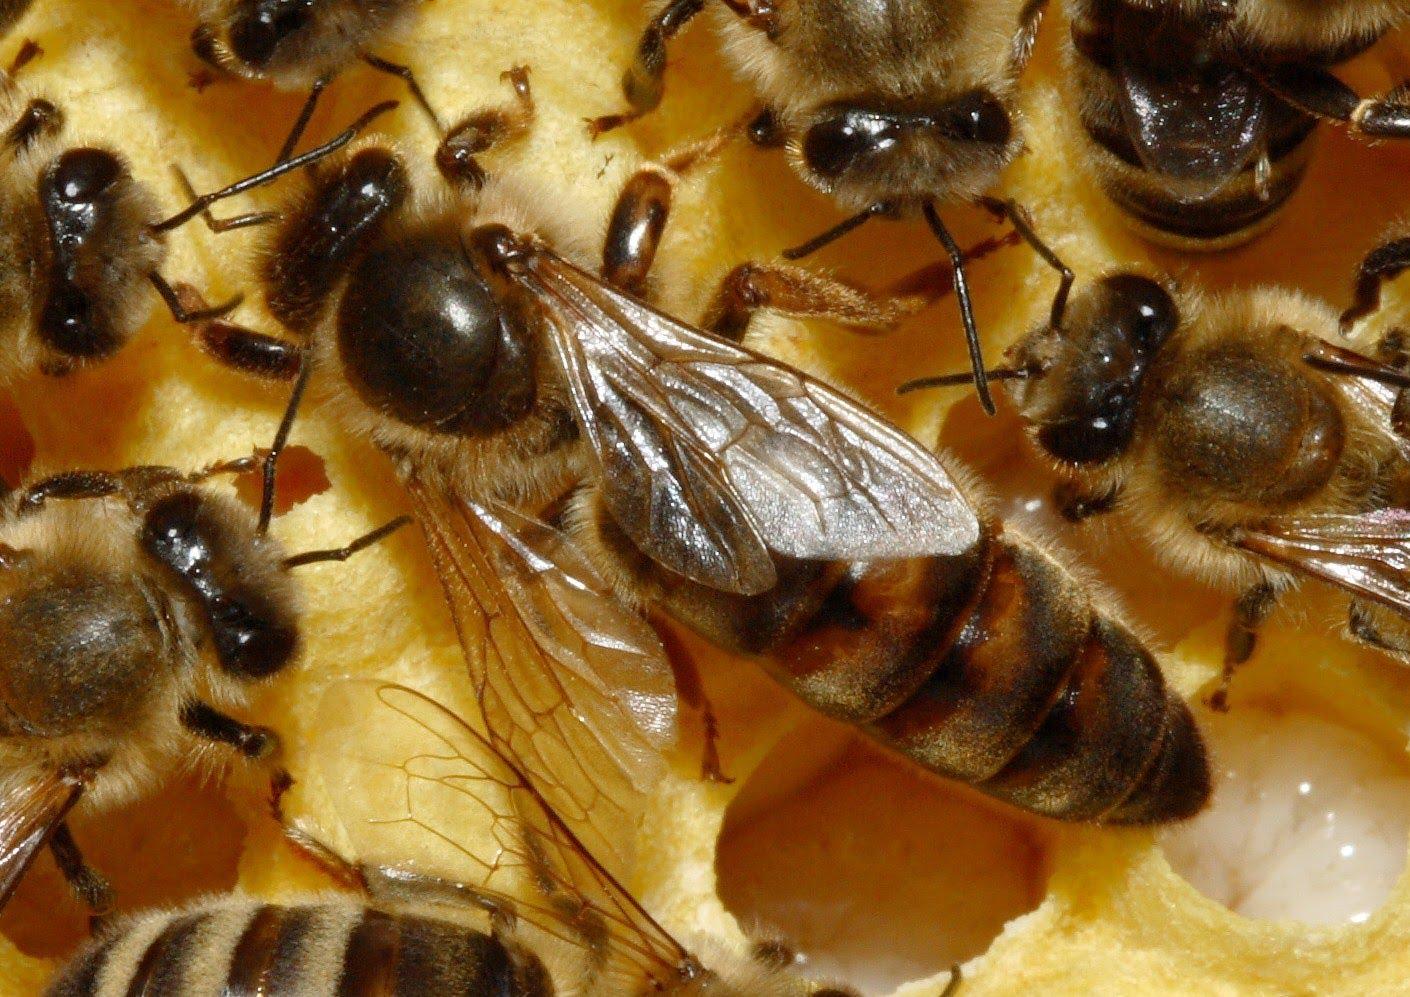 صور فوائد غذاء ملكات النحل , اهمية وقيمة غذاء ملكات النحل